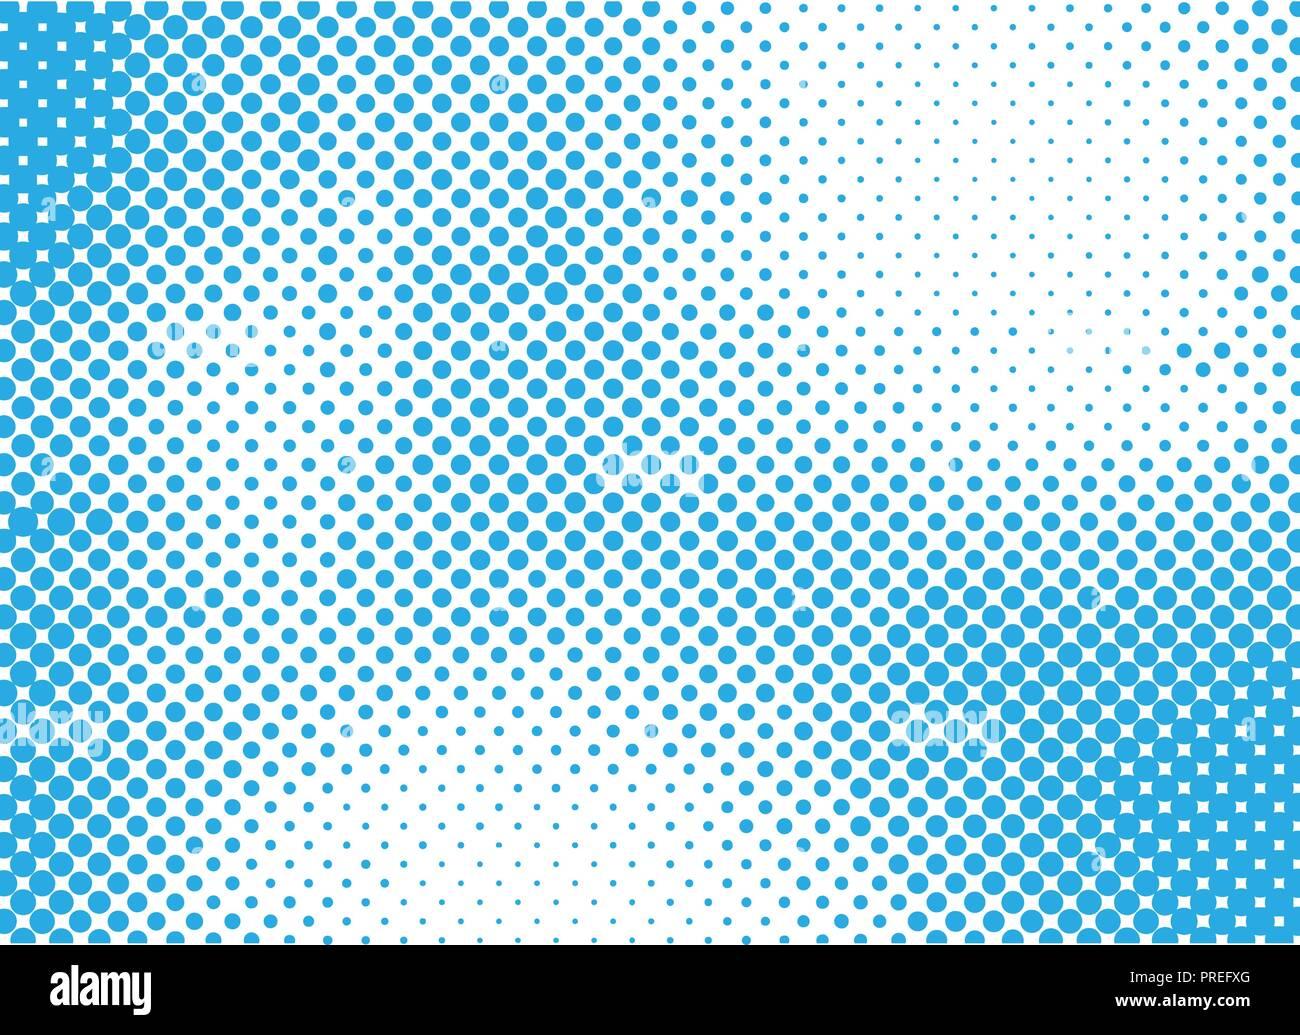 Blue halftone background for design. Vector illustration. - Stock Image